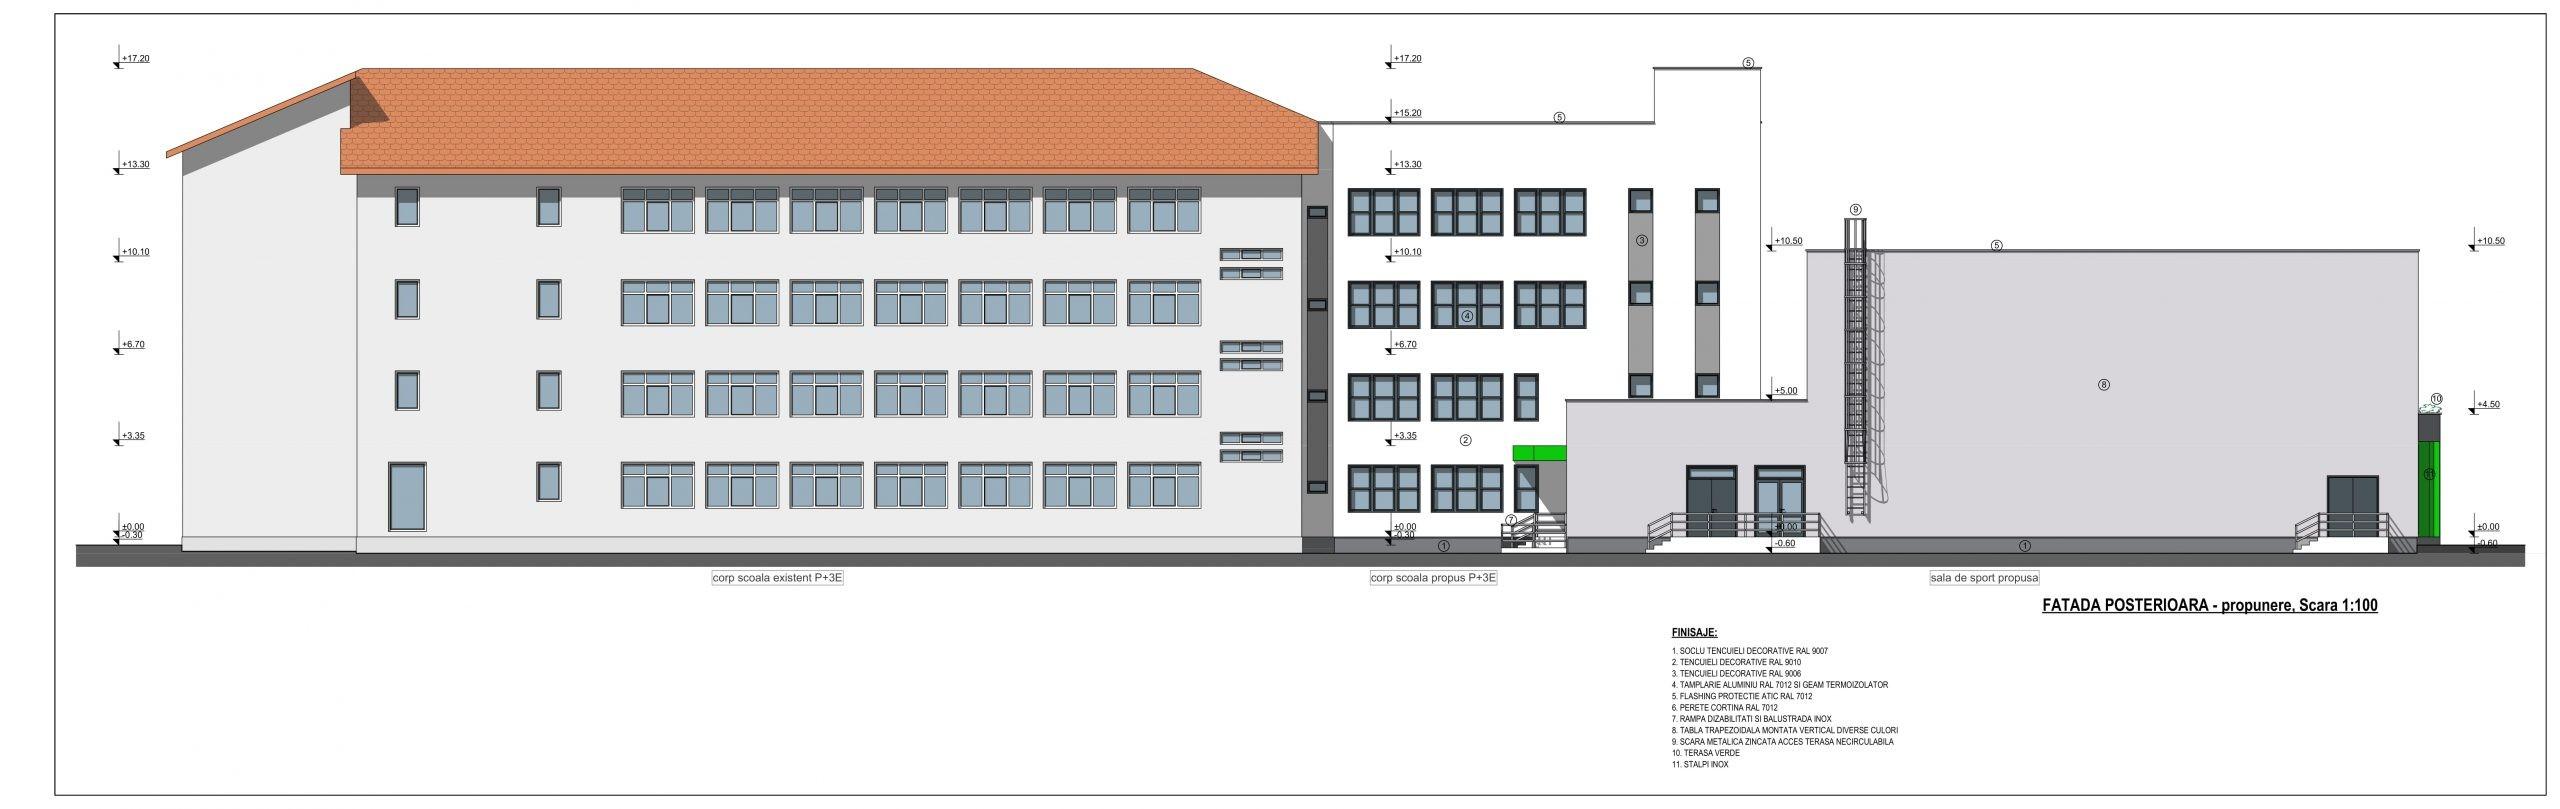 FOTO- Școala Regele Ferdinand va fi extinsă și va avea o sală de sport